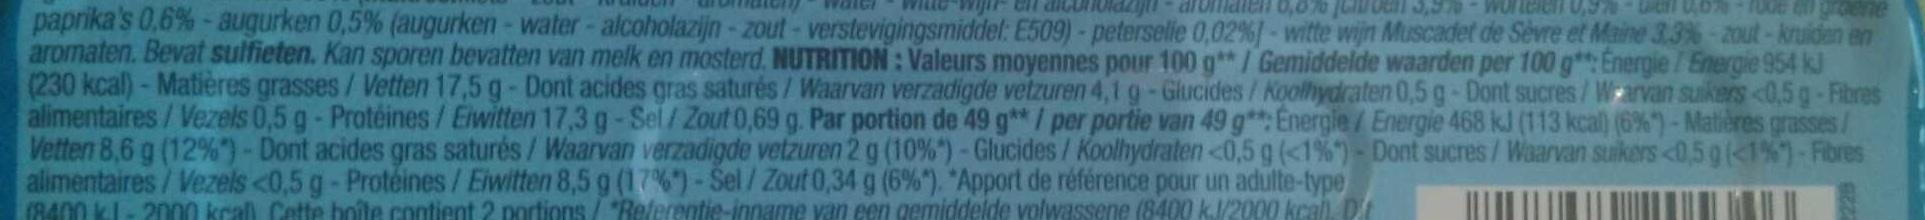 Filets de maquereaux marines au muscadet - Informations nutritionnelles - fr